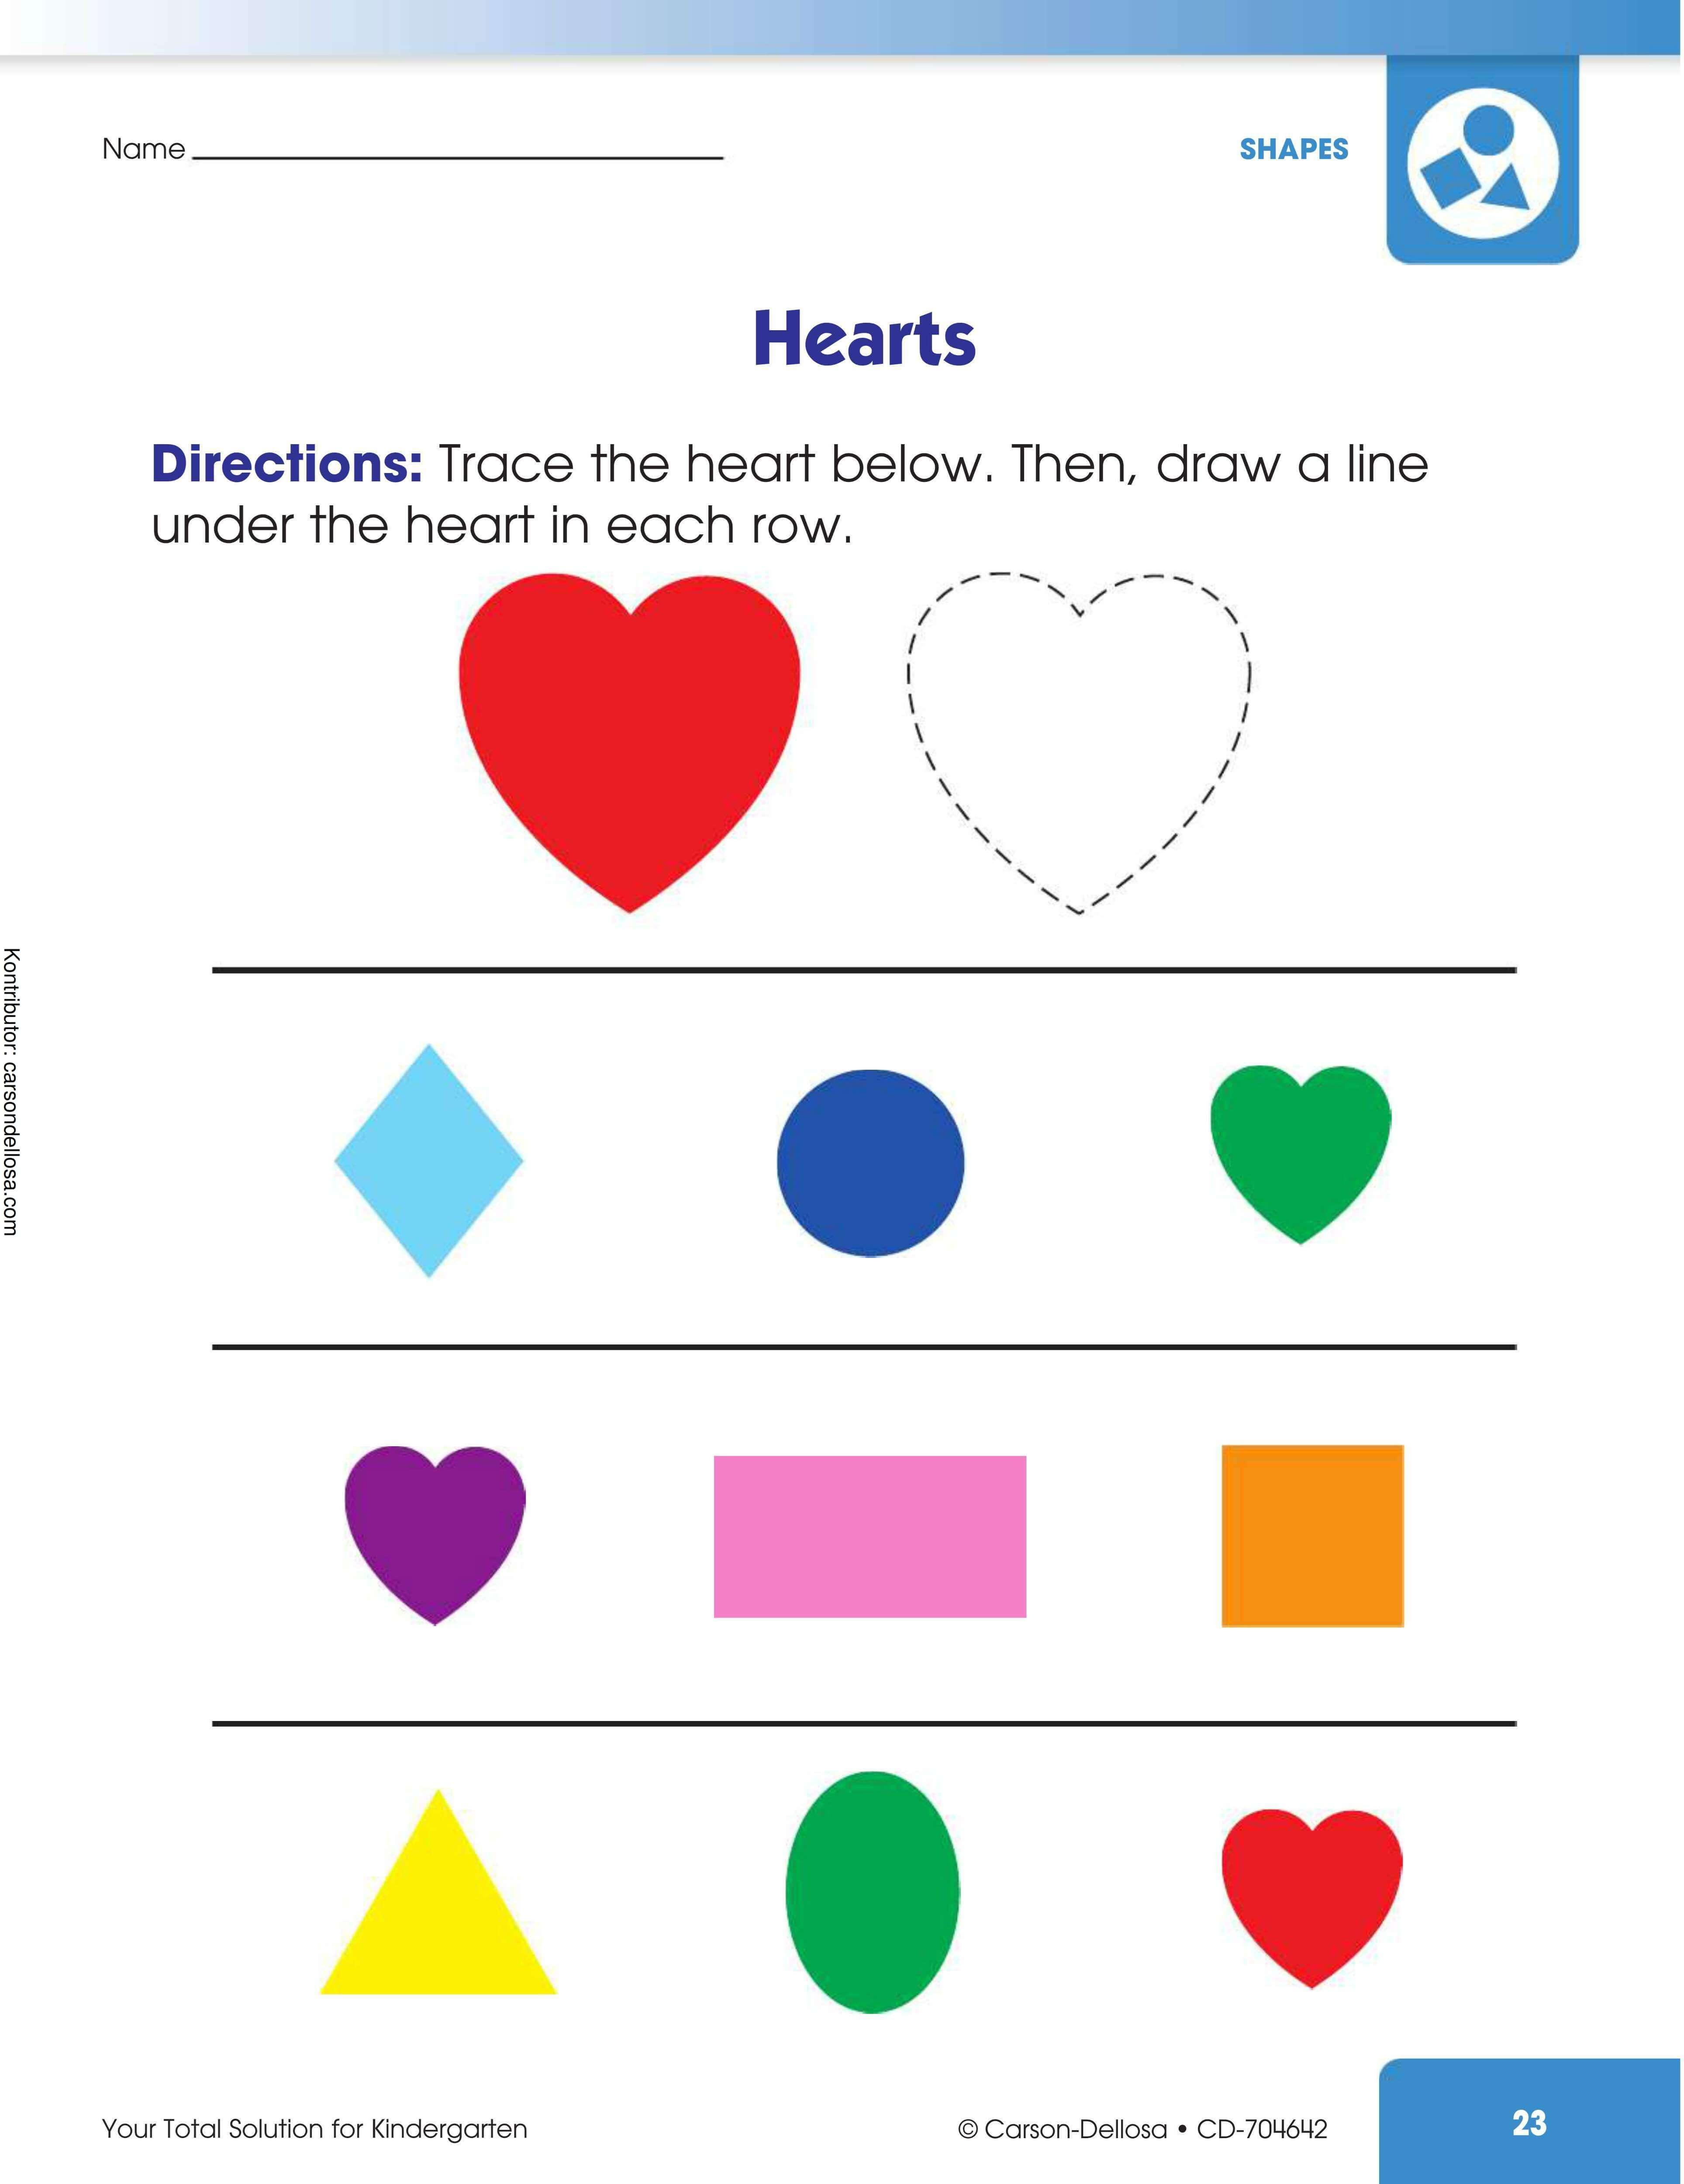 Belajar Mengenal dan Menggambar Jantung Hati